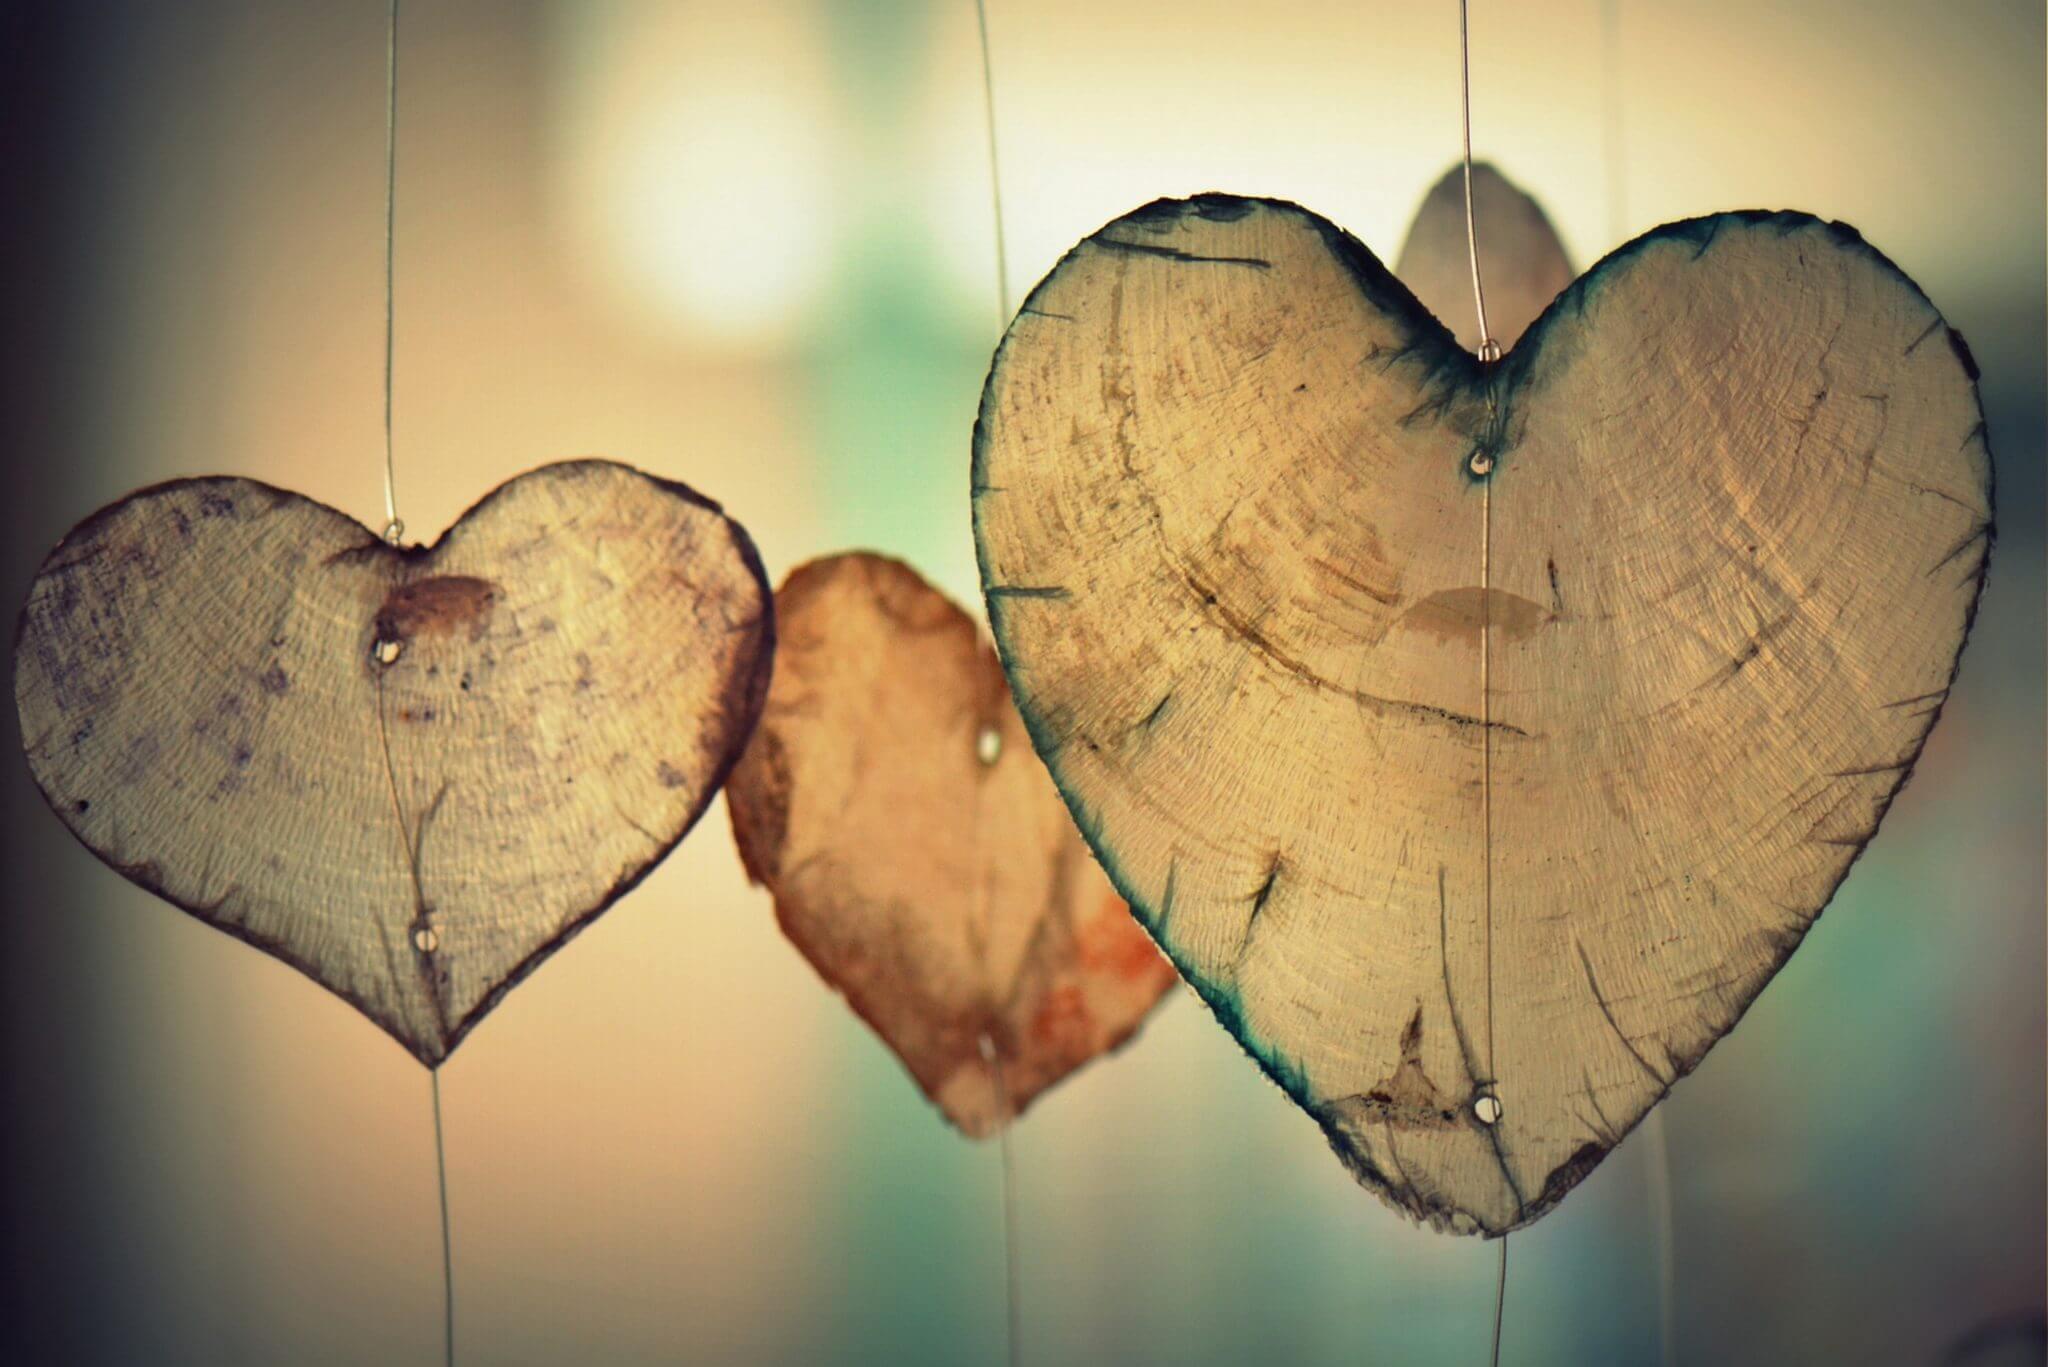 heart-700141_1920 - by Ben Kerckx aangepast formaat voor website